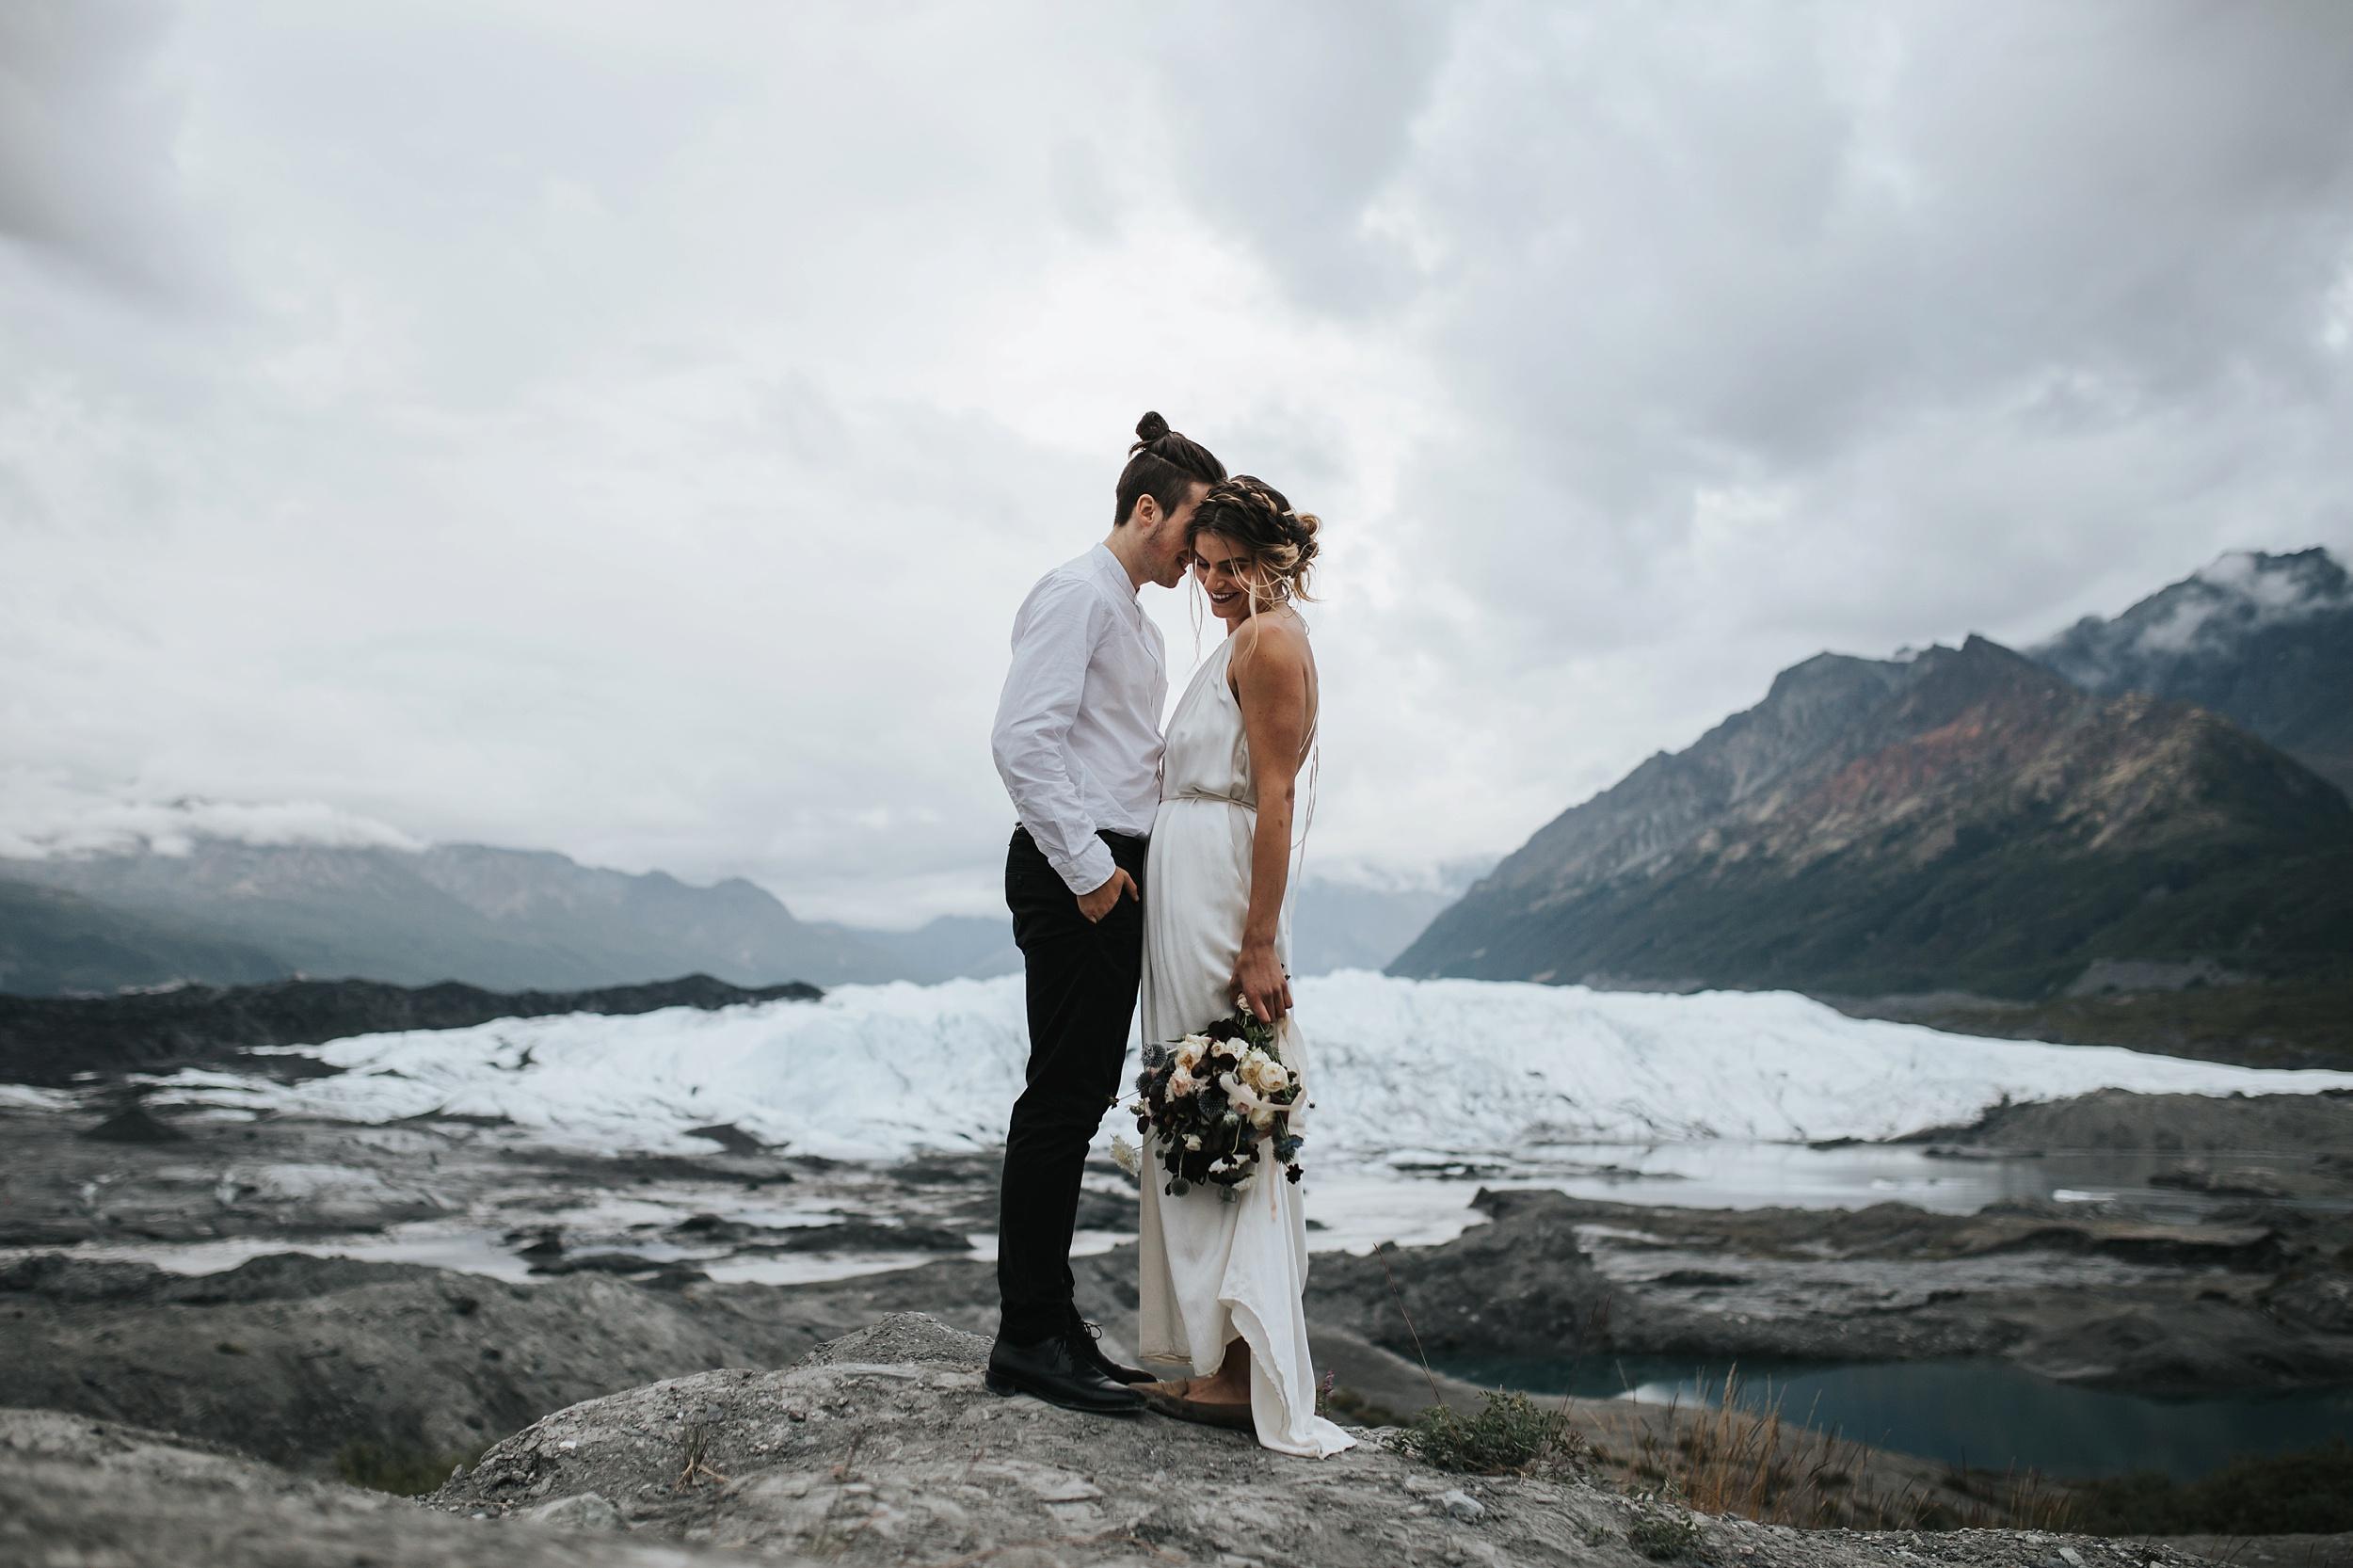 elopement at Matanuska glacier in Alaska